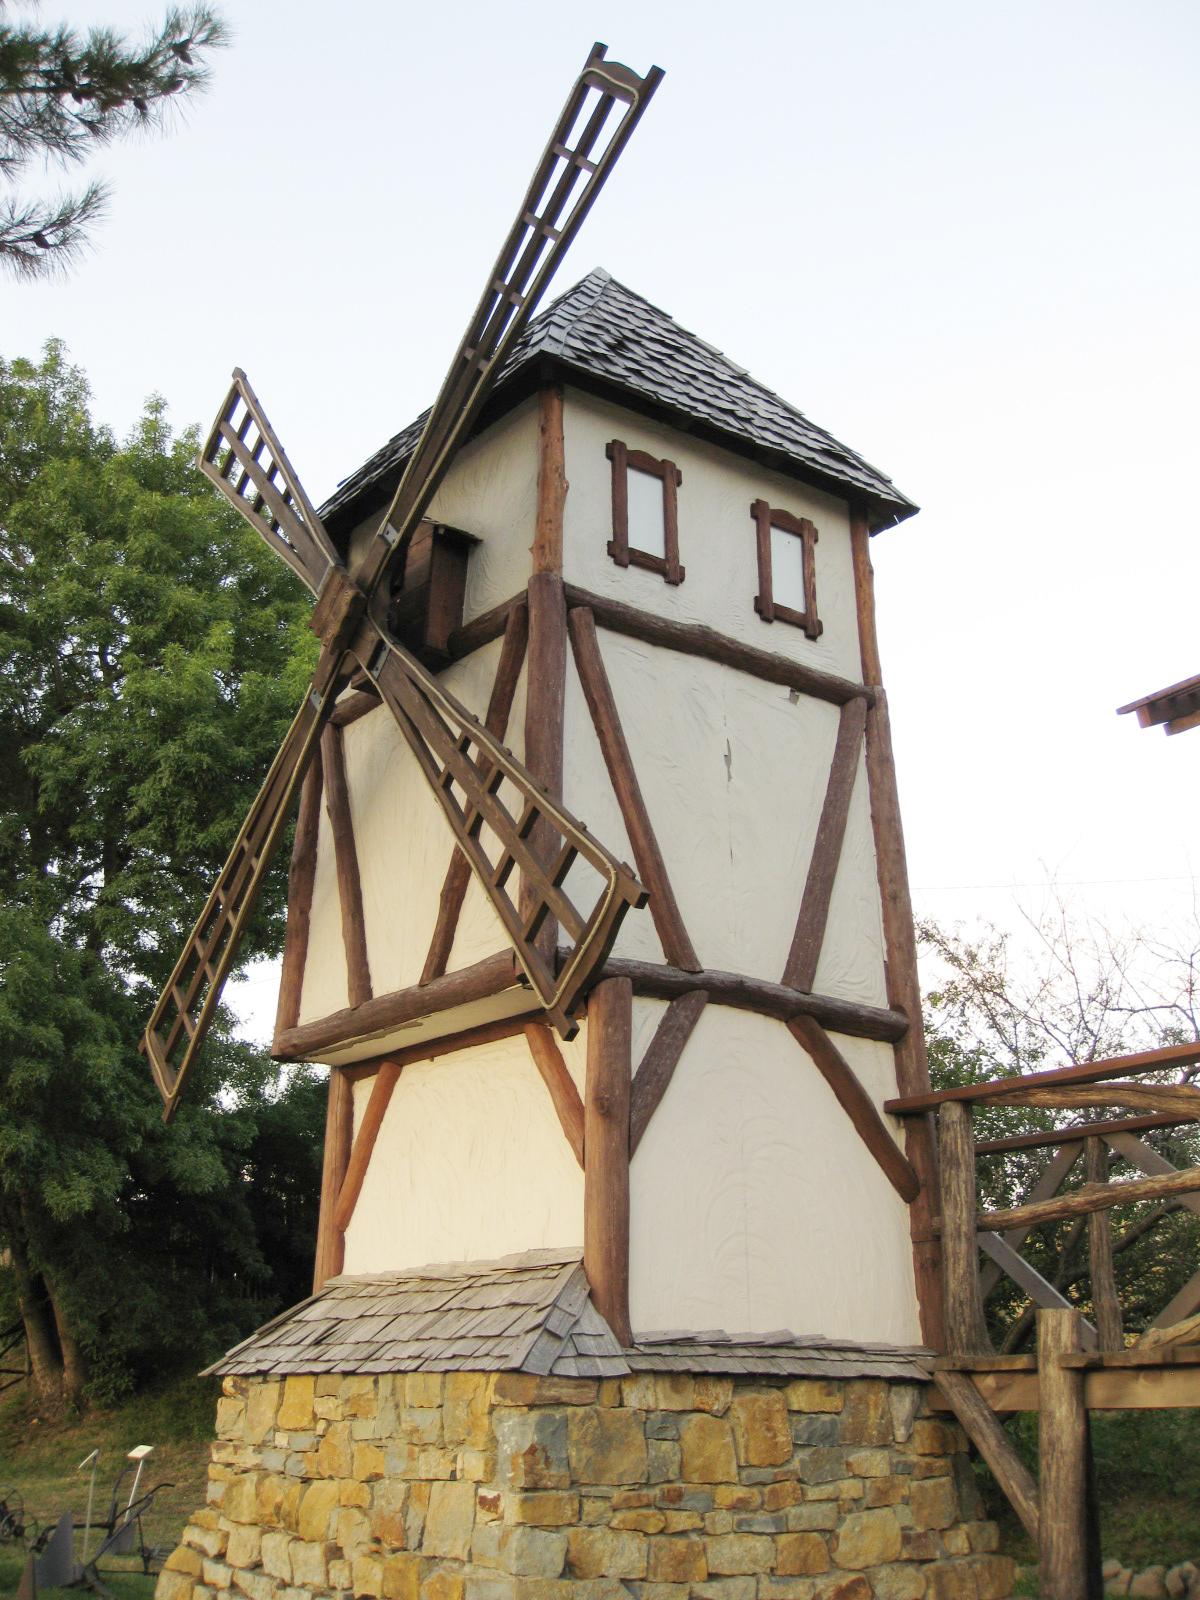 Мельница на участке в баварском стиле